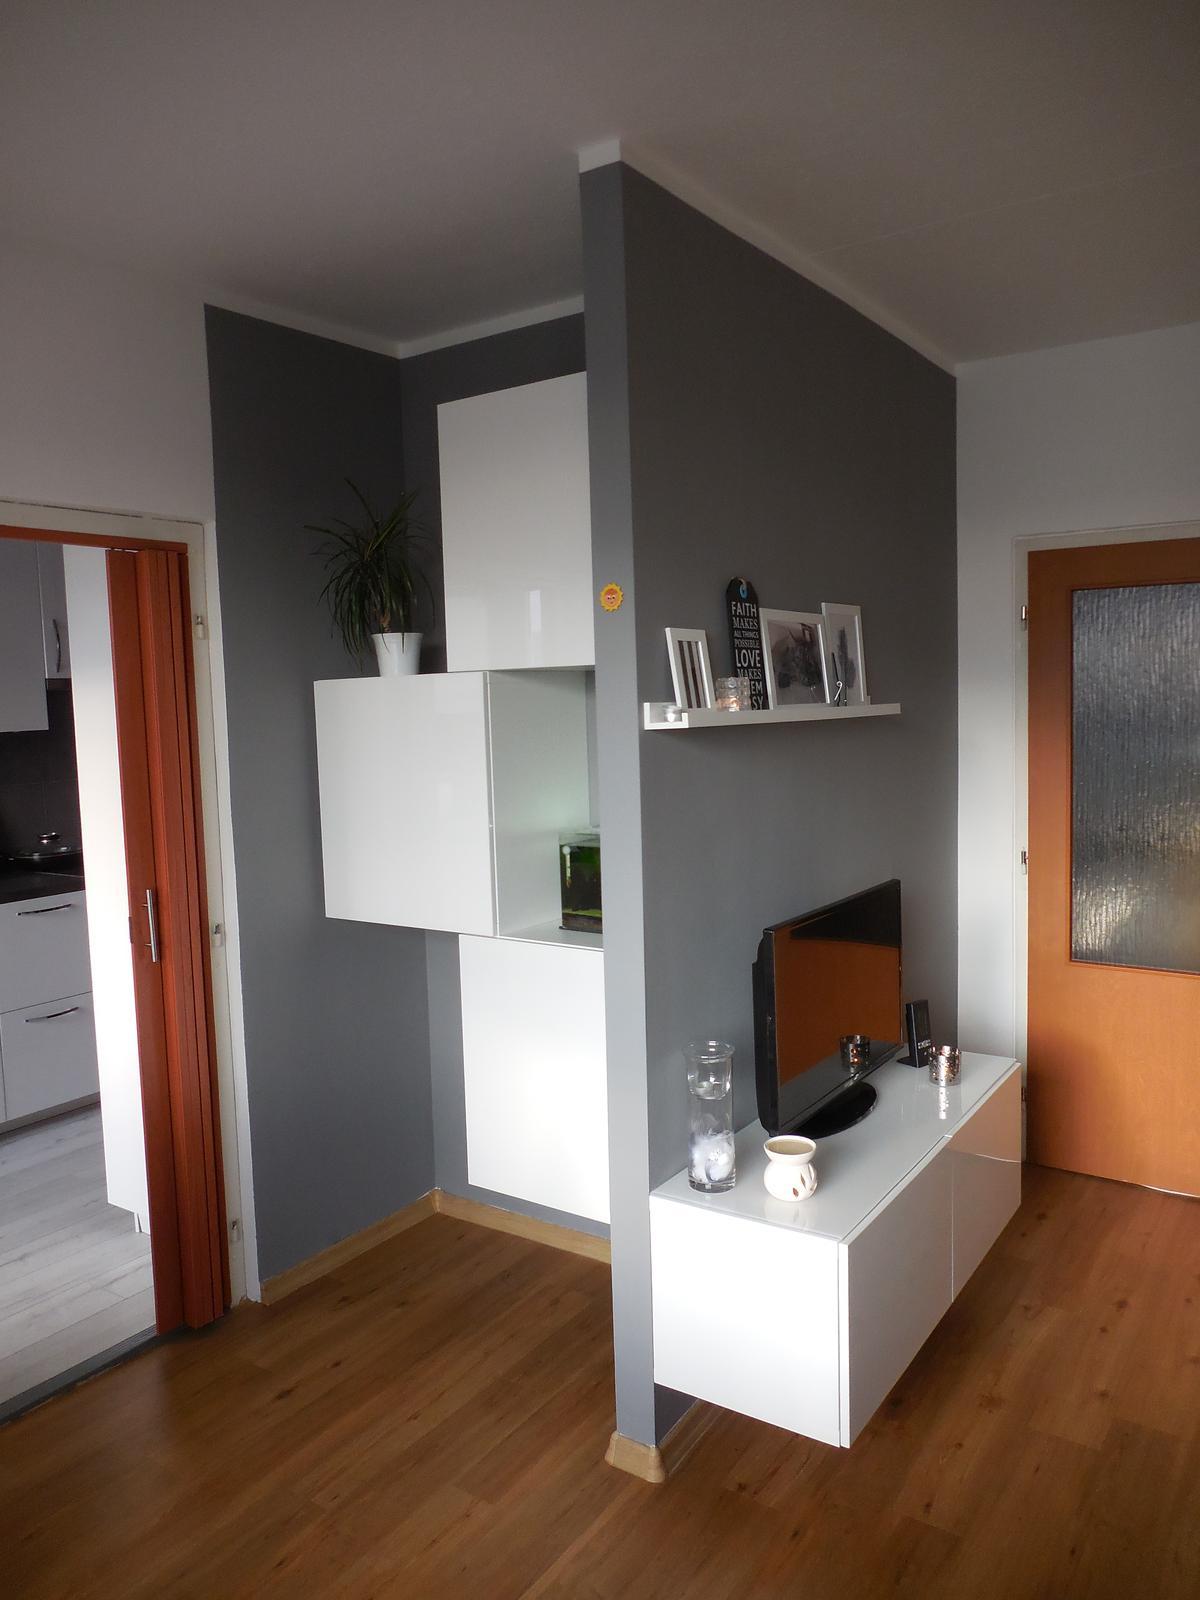 Náš domov :-) - konečně máme skříňky v obýváku :-)